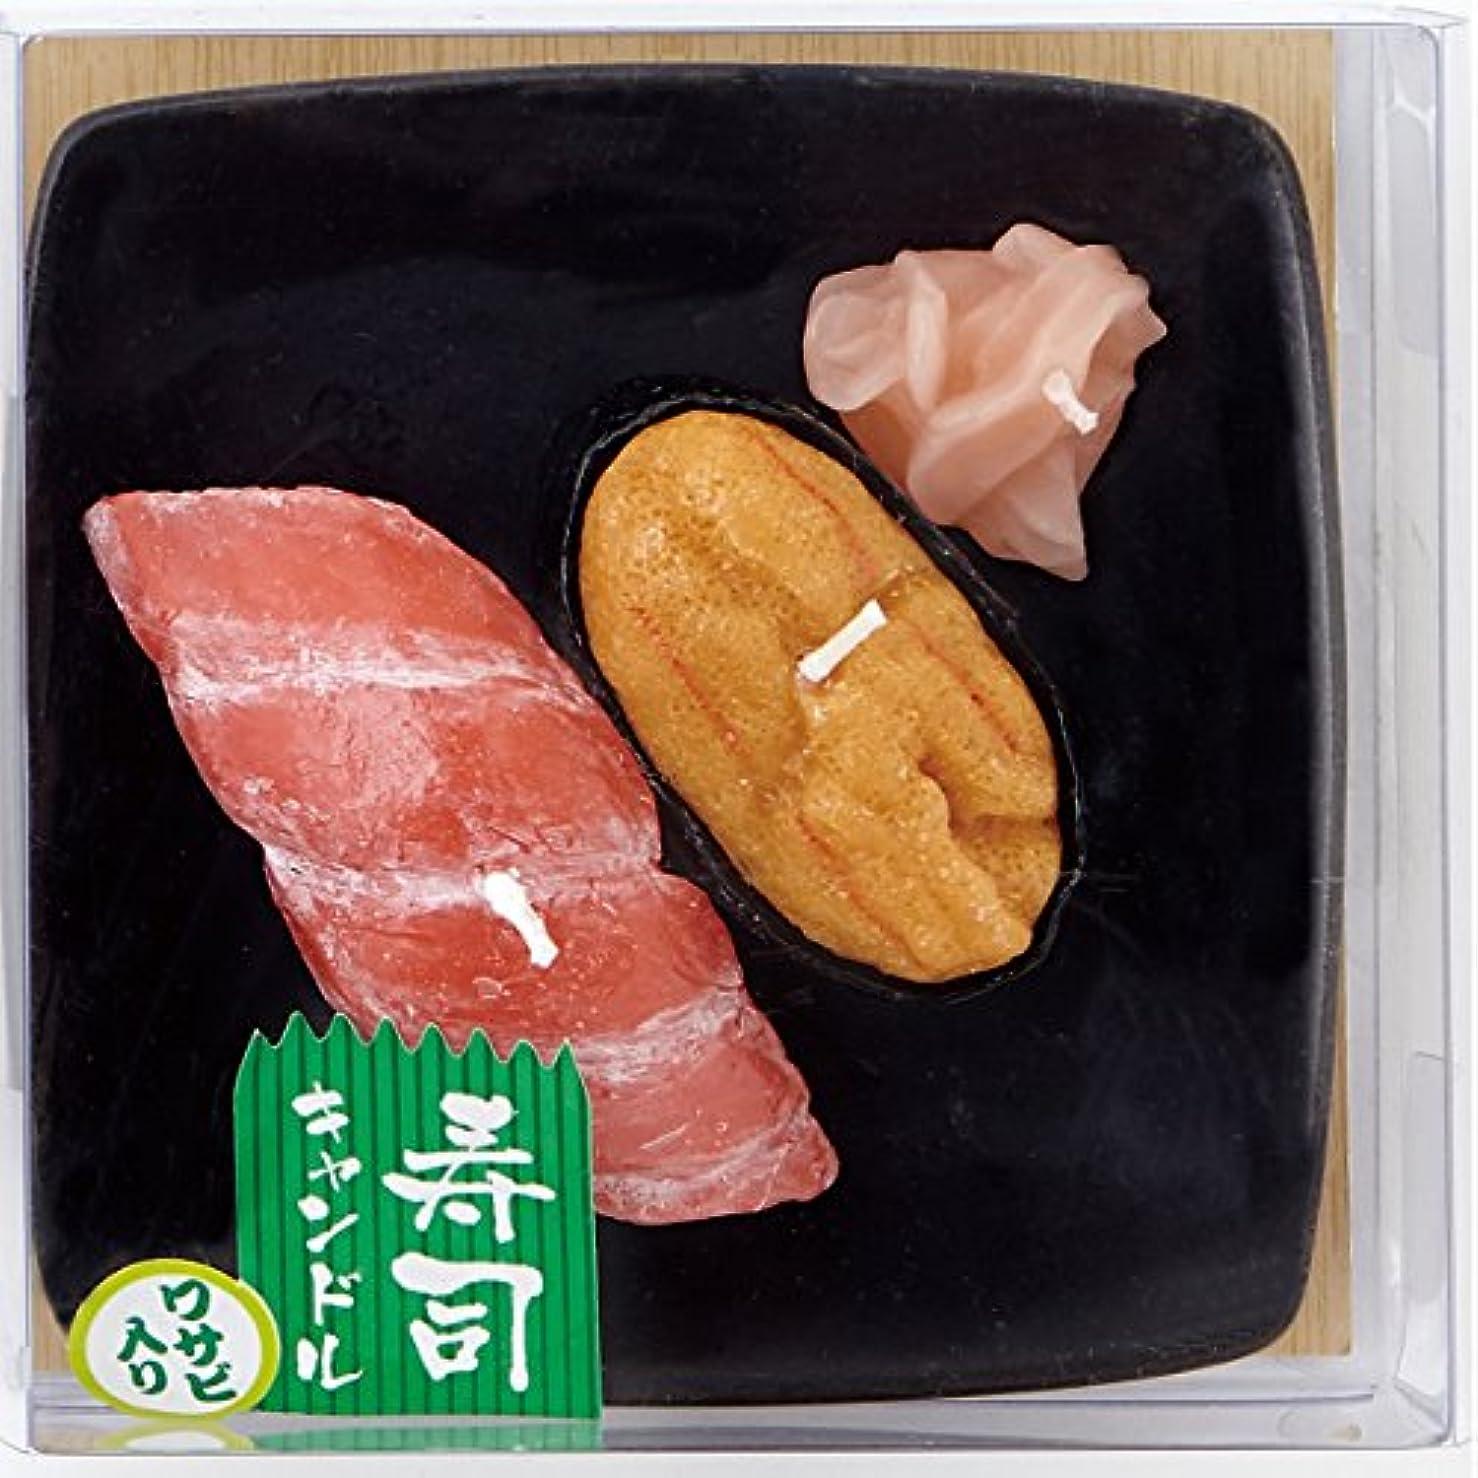 自分何故なの視聴者寿司キャンドル C(ウニ?大トロ) サビ入